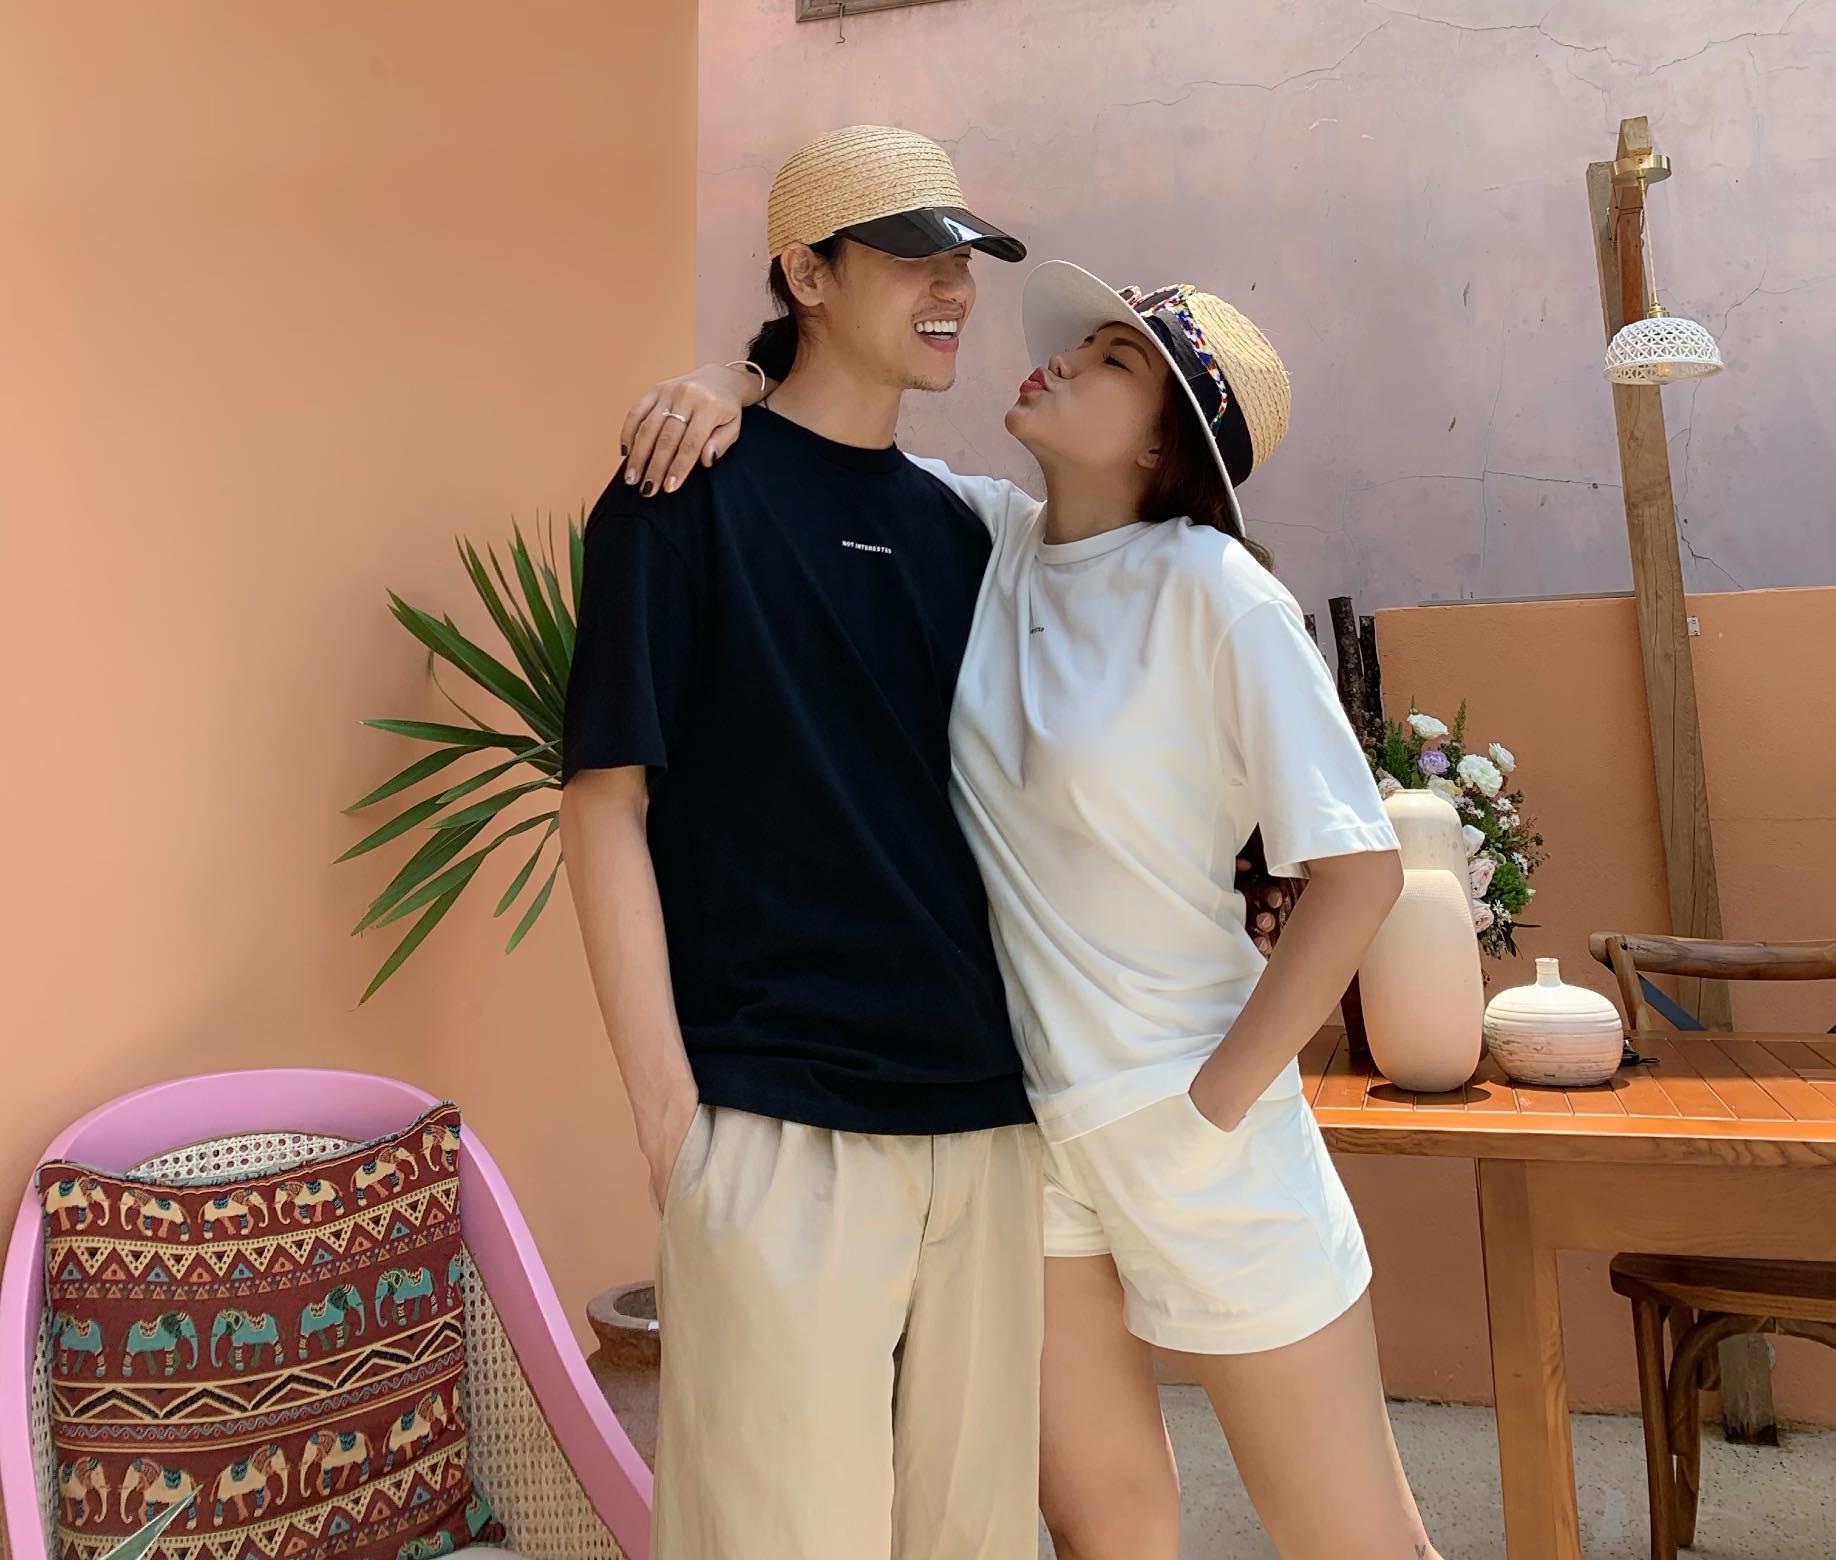 """Vợ cũ Lâm Vinh Hải kể chuyện """"vô duyên"""" ở nhà bạn trai và phản ứng của mẹ chồng tương lai - 1"""